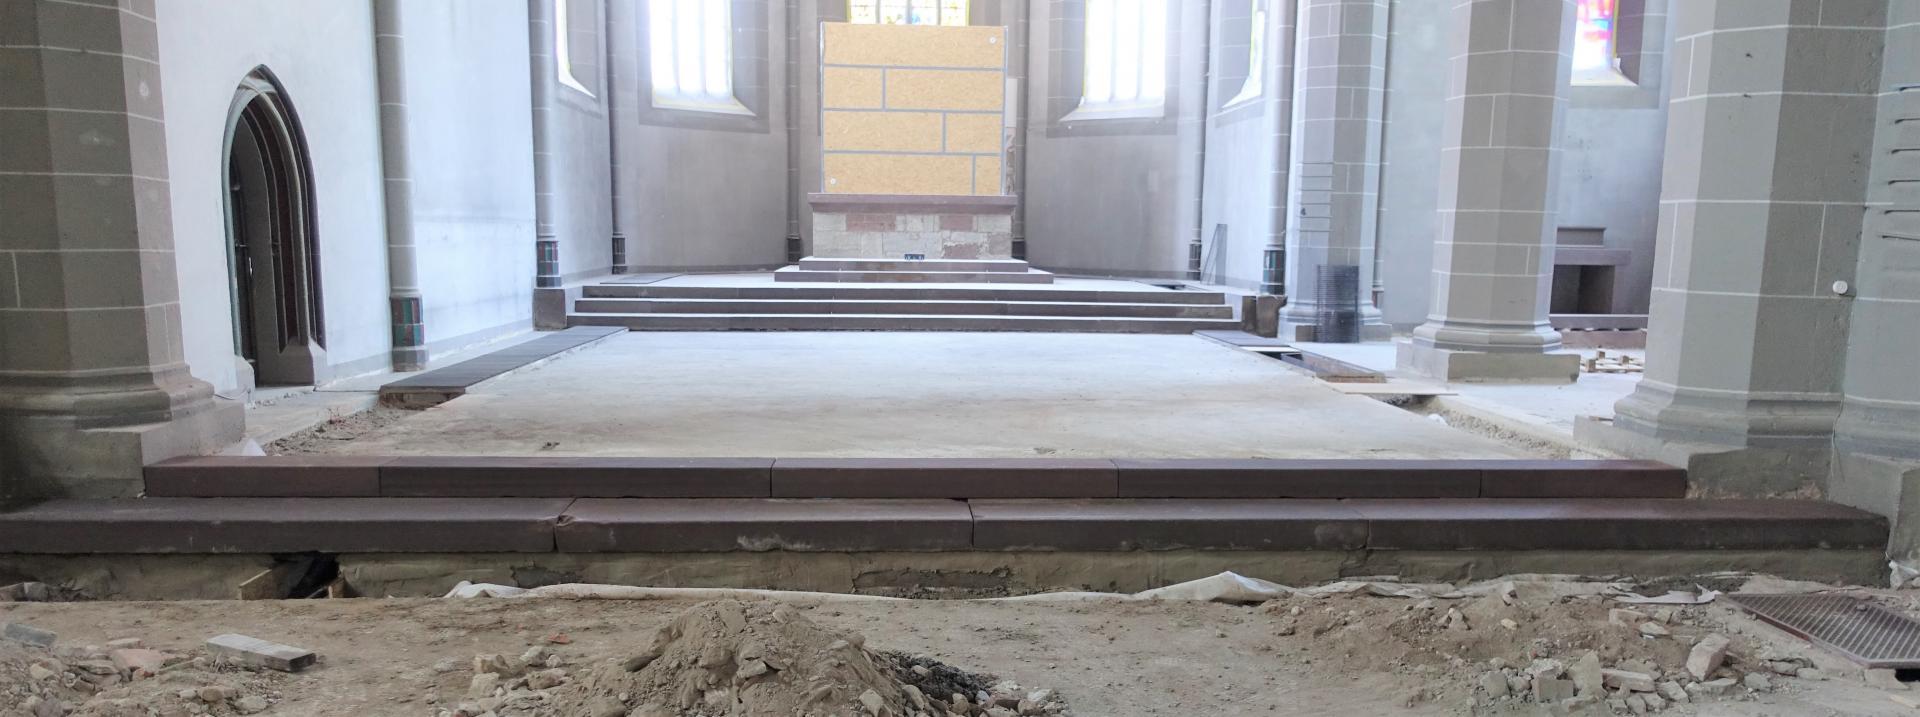 Die fertige Treppe; die Steinelemente der Vorgängerkirche sind mit biovlies abgedeckt und für unsere Nachwelt erhalten.